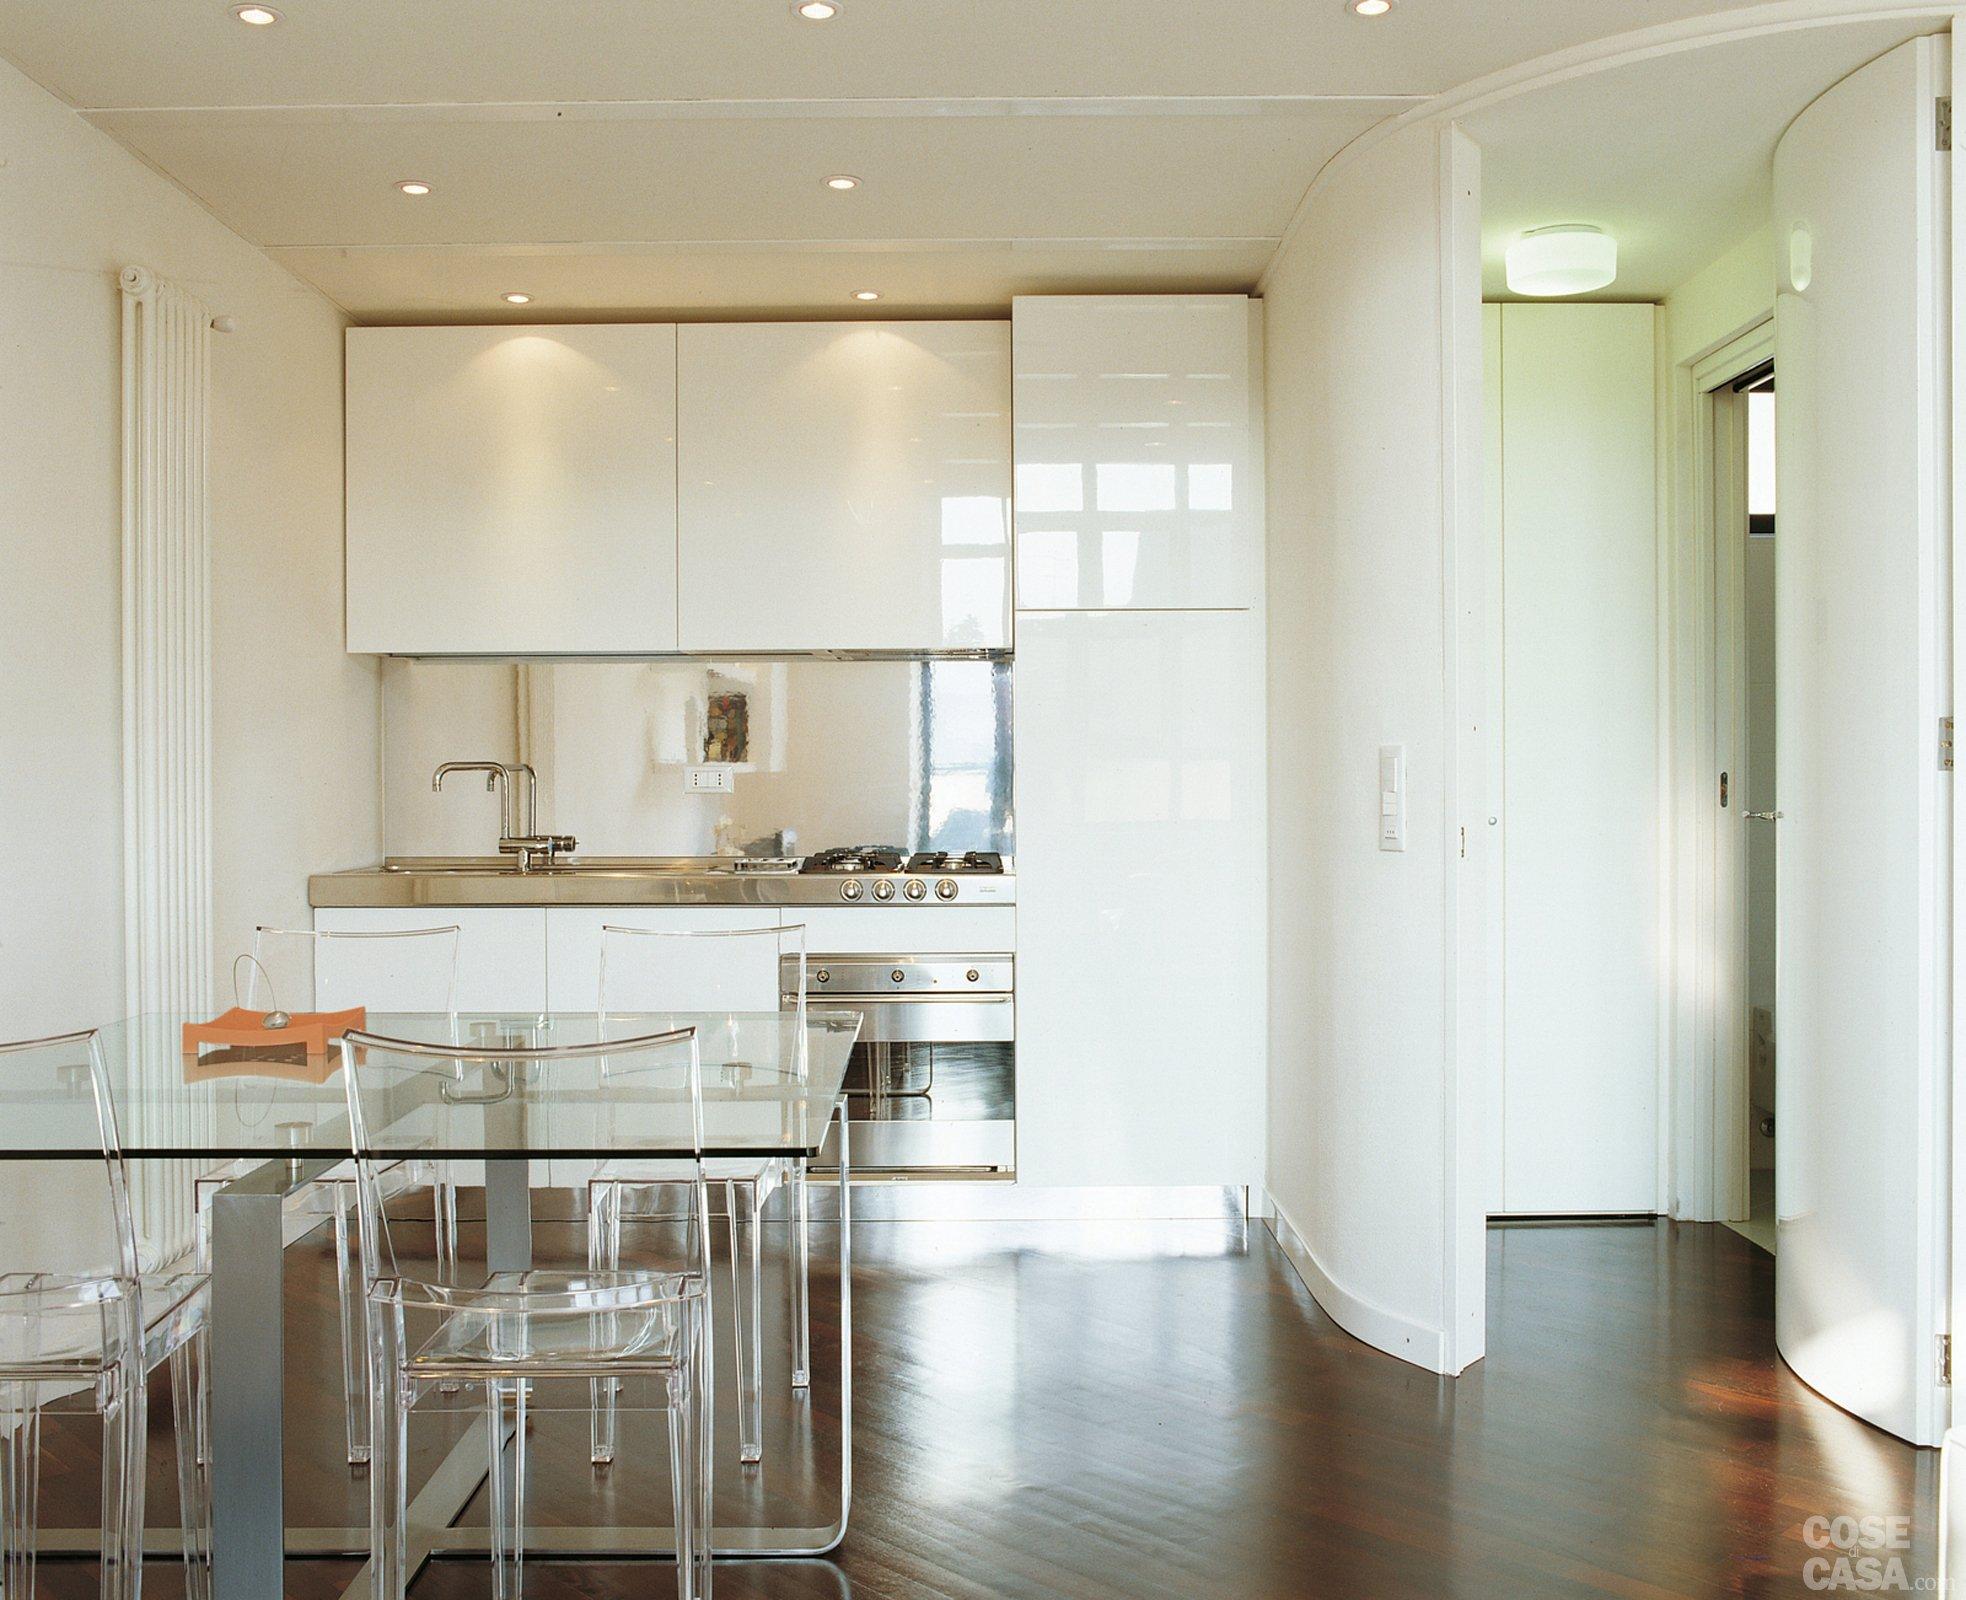 Una casa a doppia altezza con soppalco di 70 mq cose di casa for Immagini per cucina